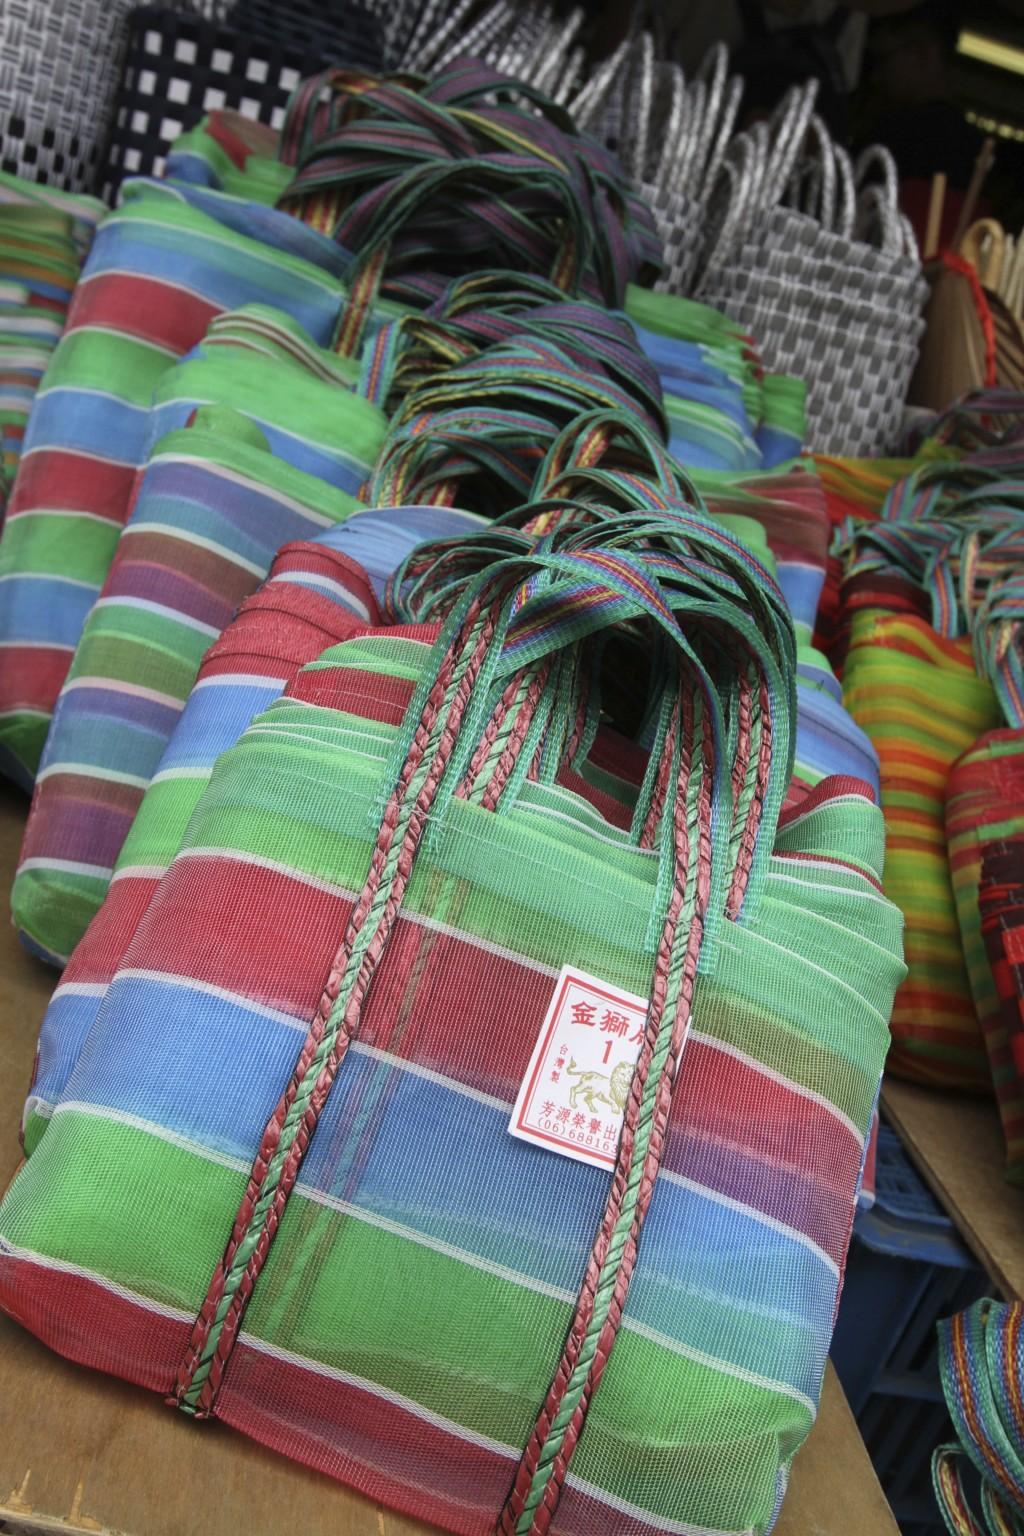 台湾人がよく使っている、「あの鞄」も売られている